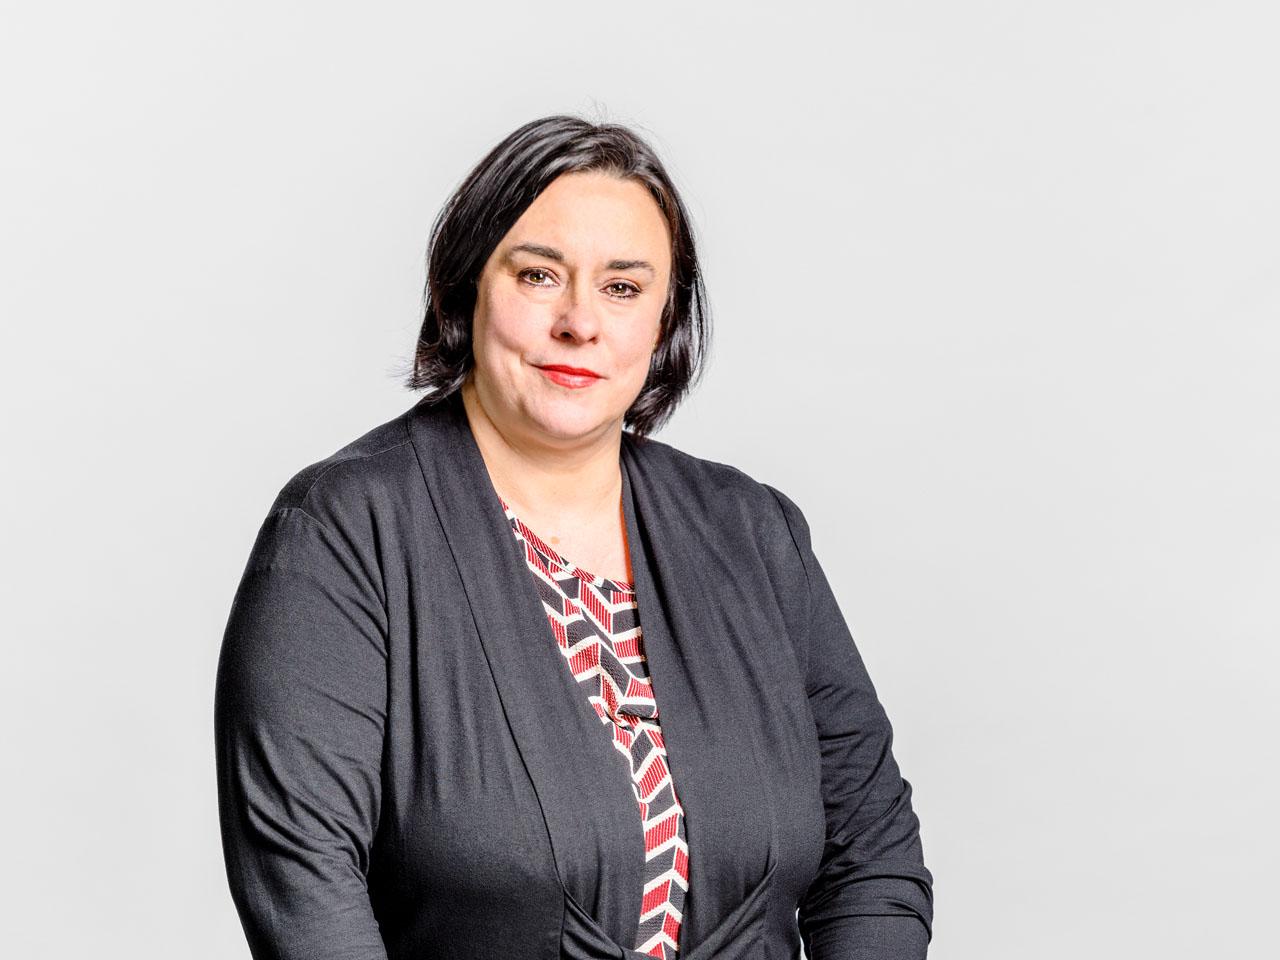 Portrait einer Frau vor grauen Hintergrund